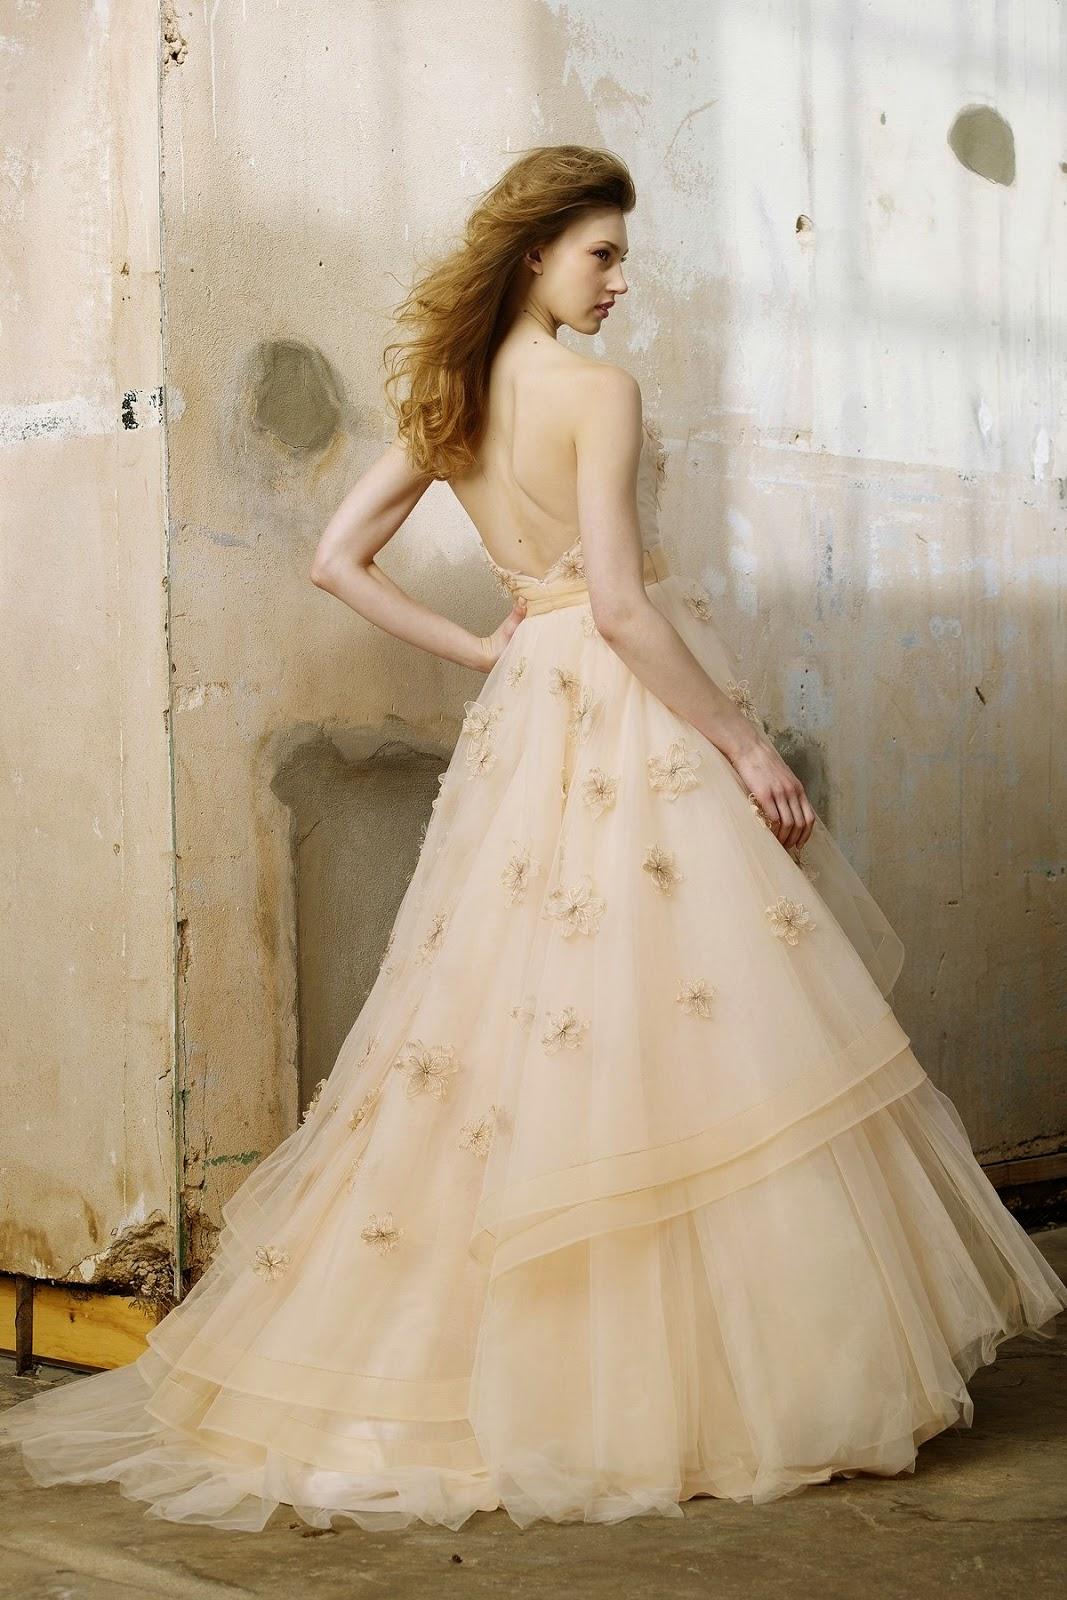 une s lection des plus belles robes de mariage tout pour mon mariage. Black Bedroom Furniture Sets. Home Design Ideas